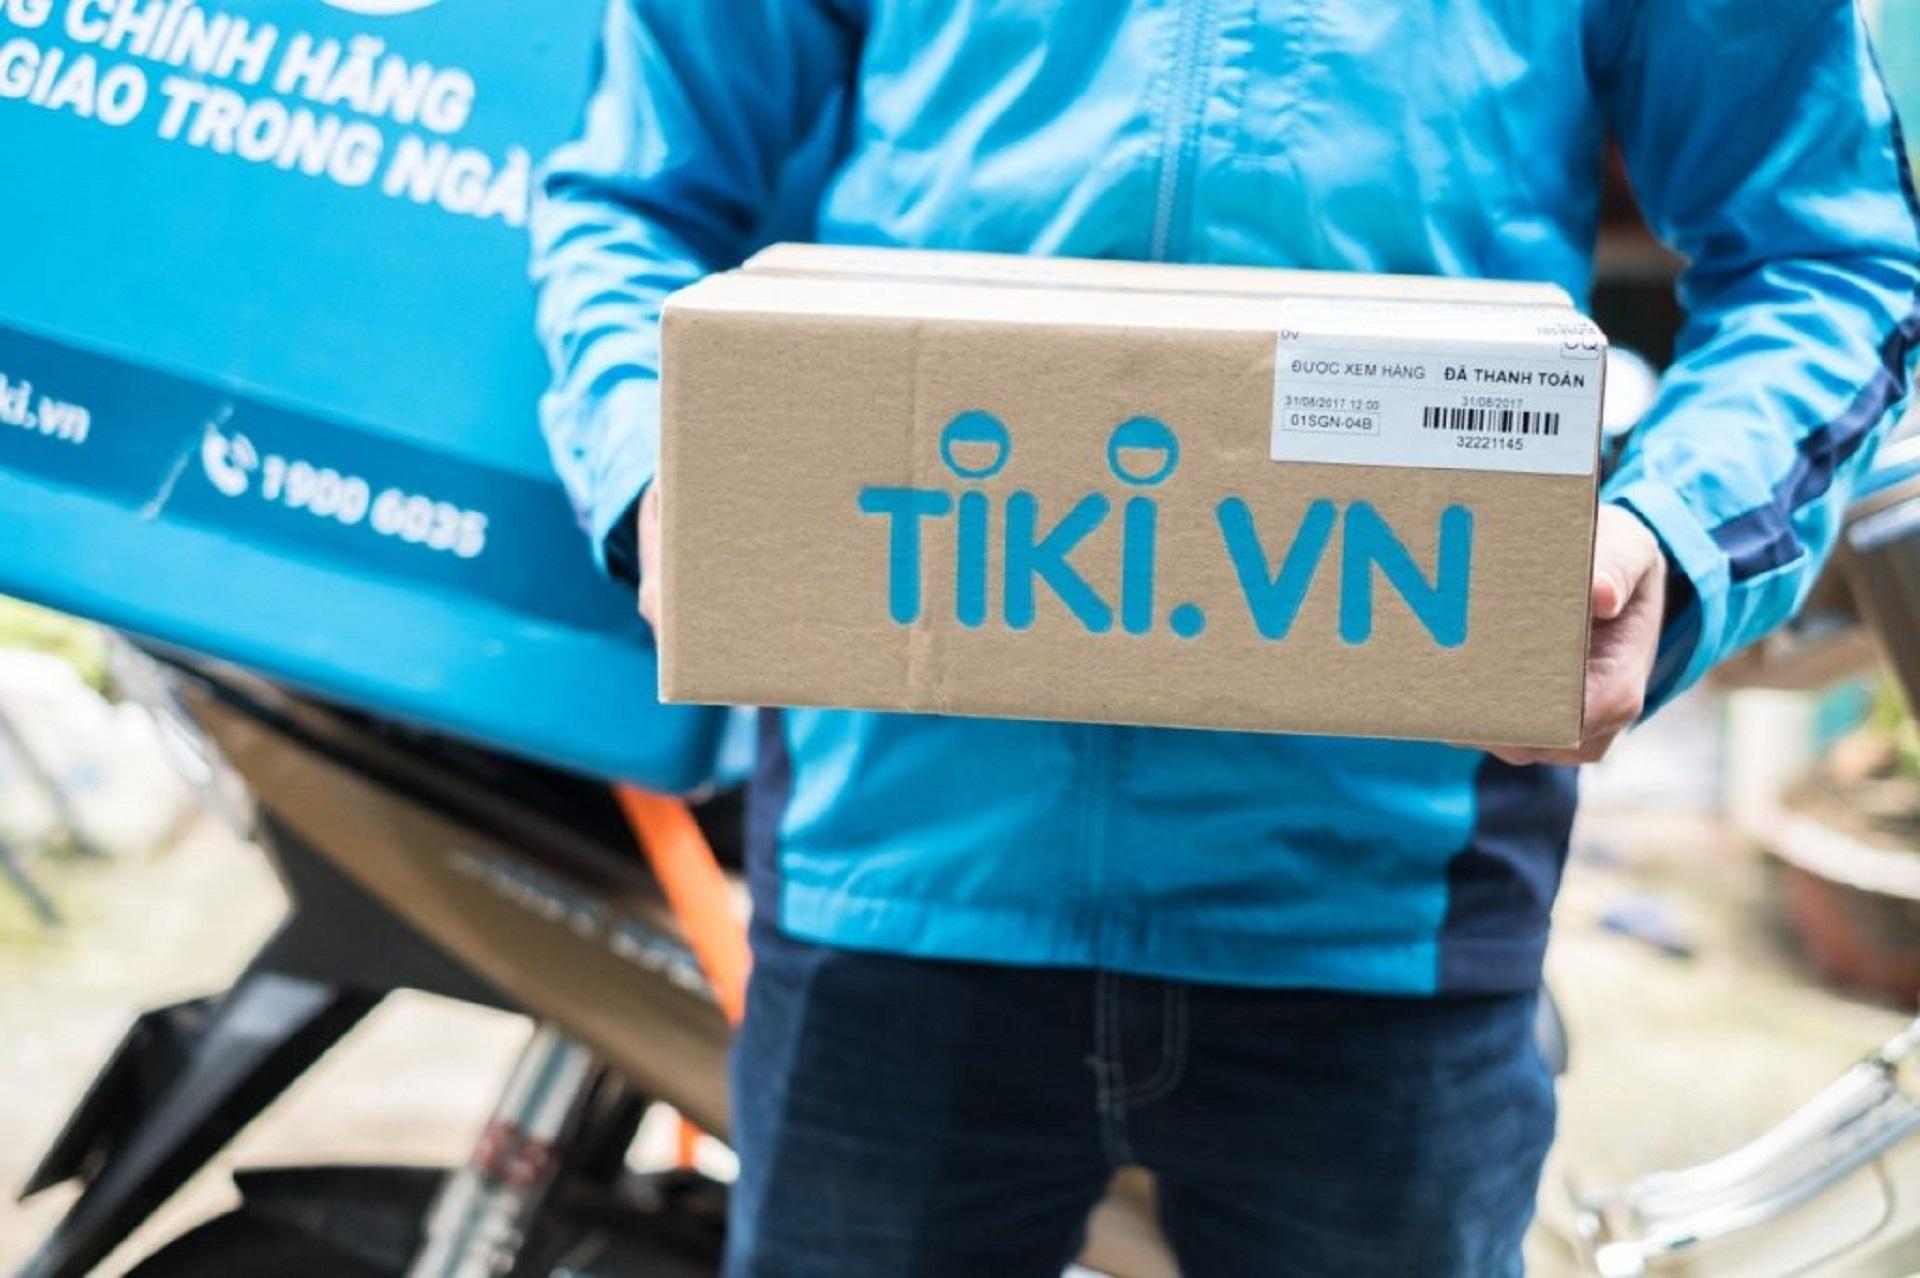 Cách liên hệ chăm sóc khách hàng Tiki nhanh nhất cho chủ shop